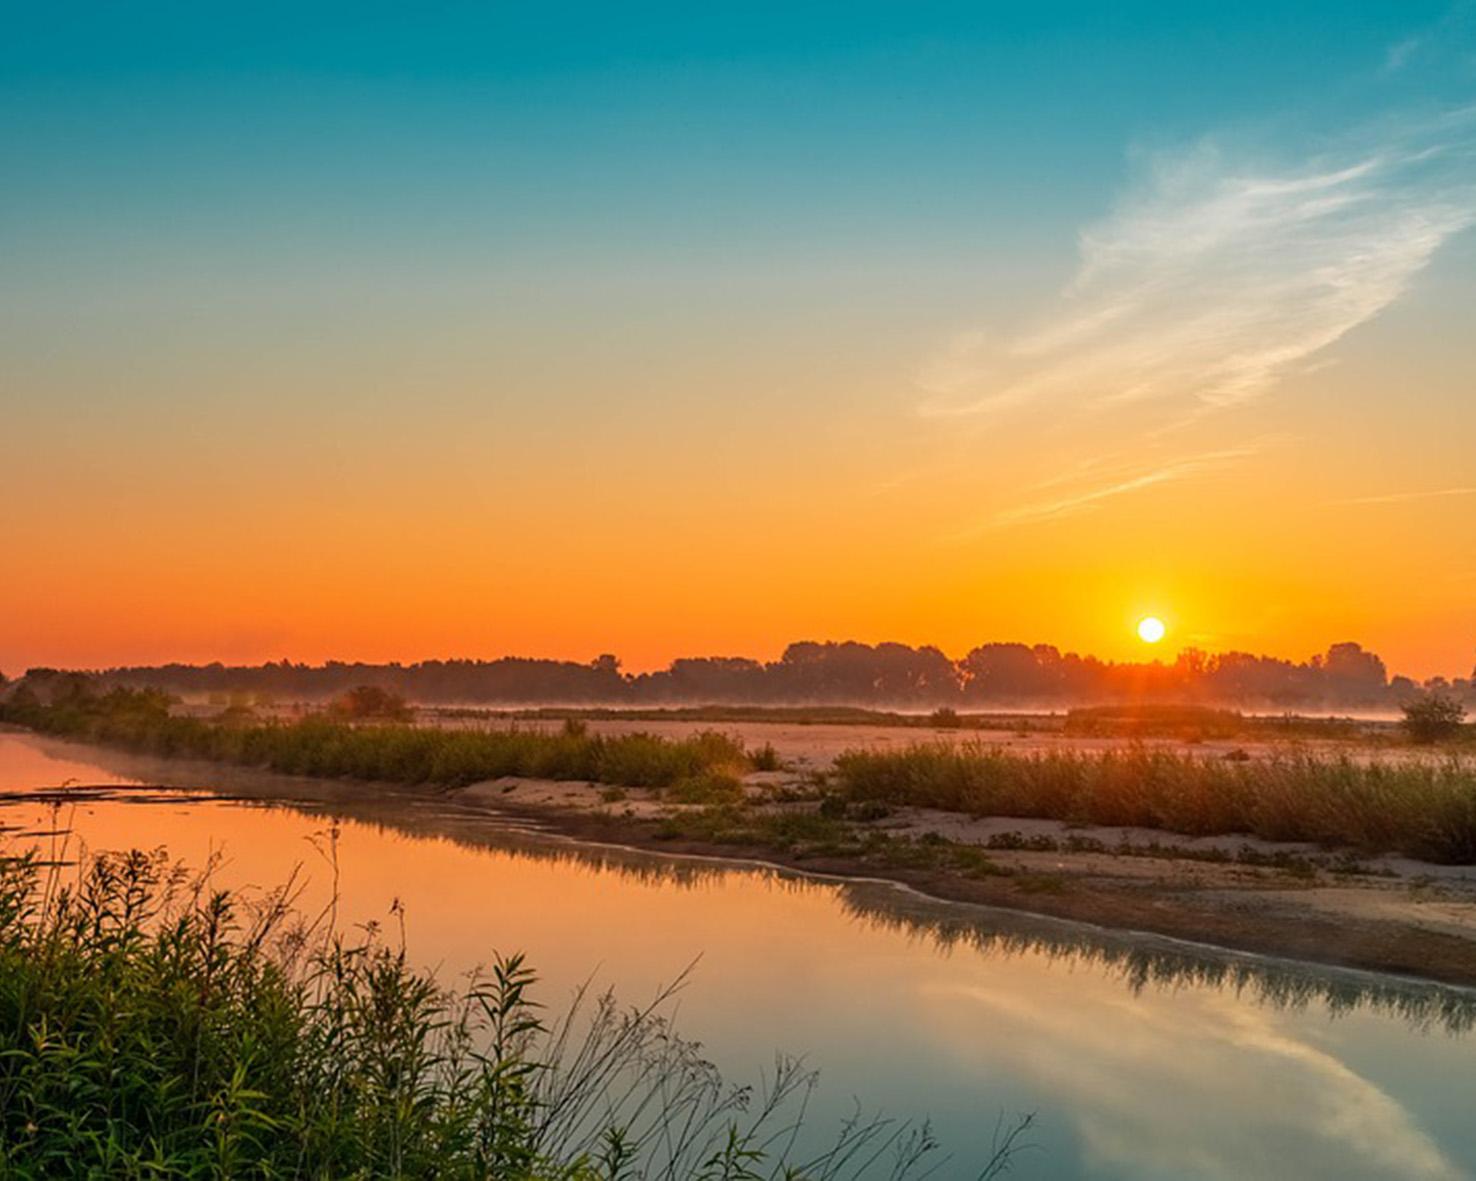 Radreise Polen, KSWI, Fot. 7, Quelle pixabay